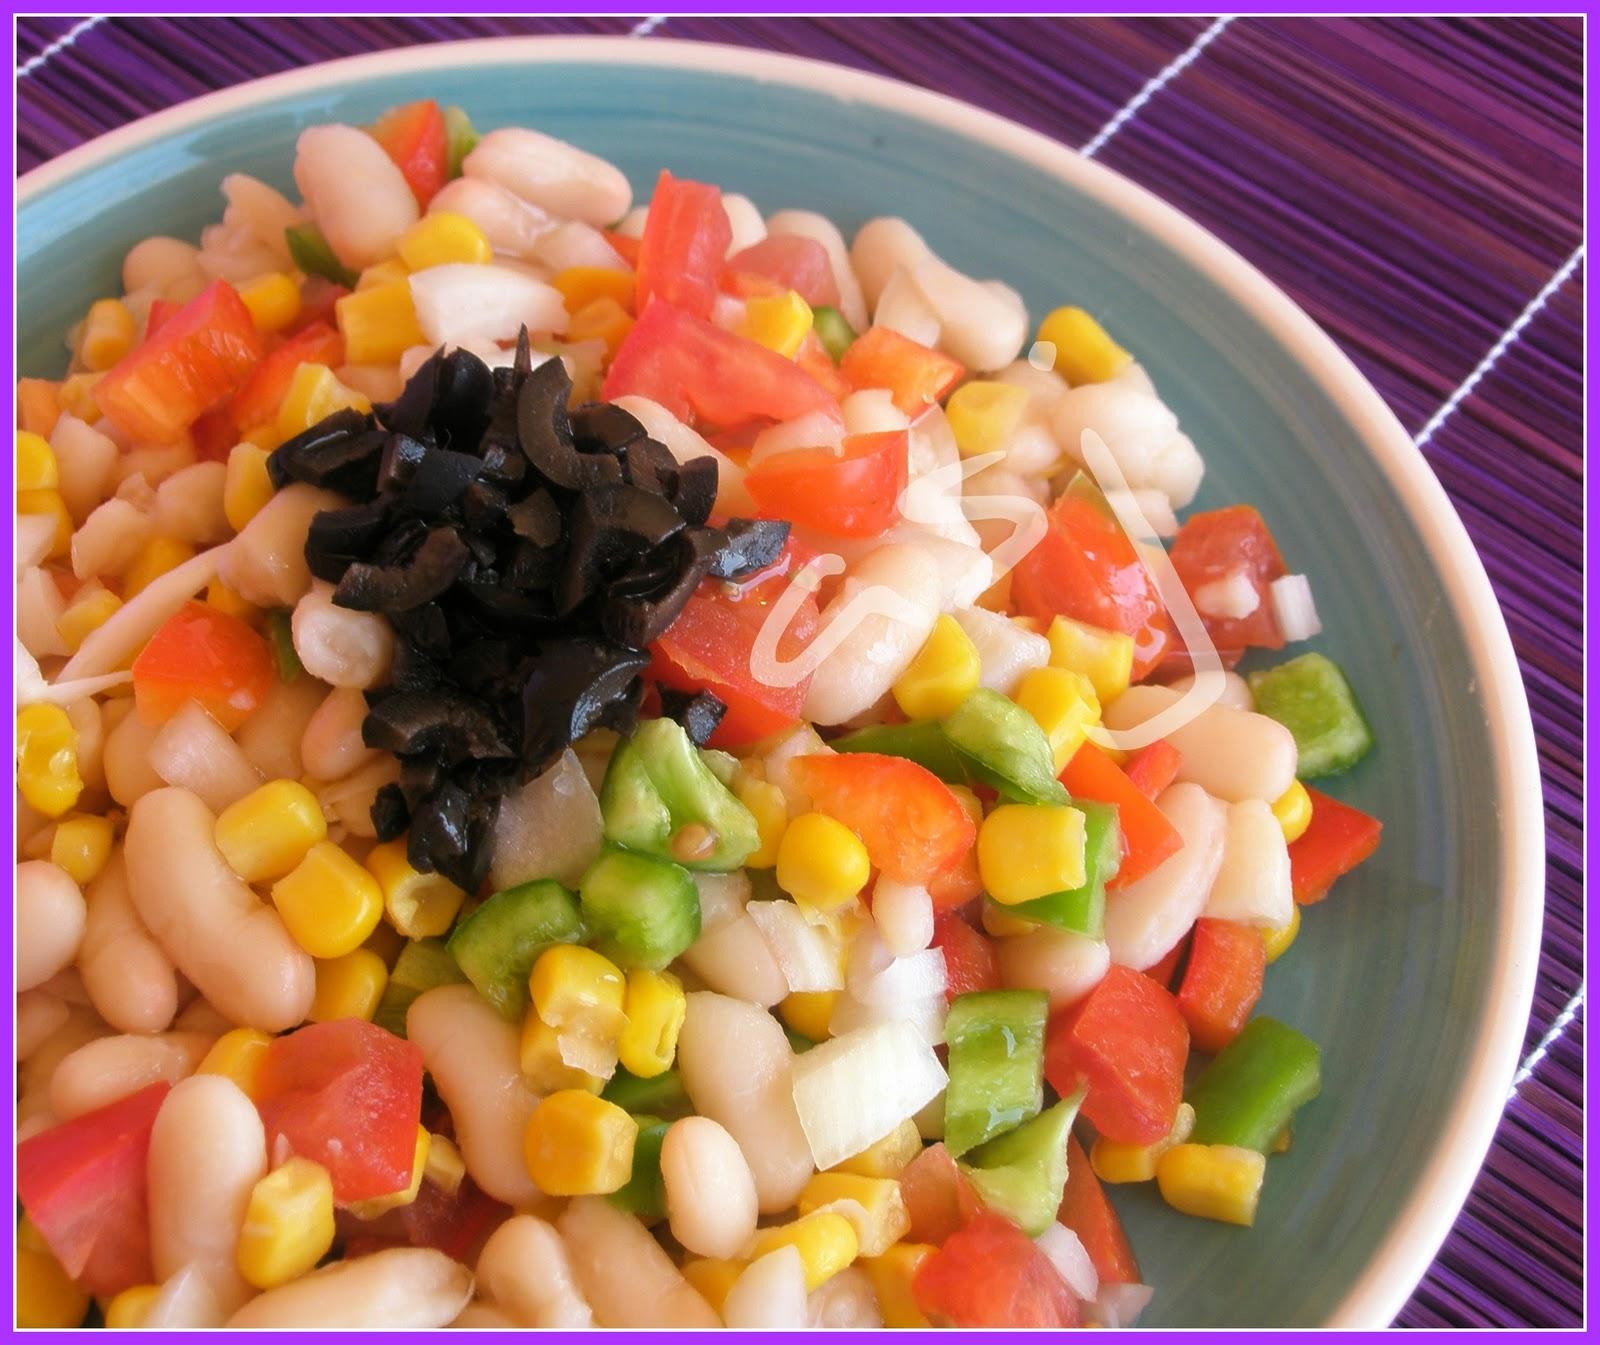 Canelita en rama ensalada de alubias con verdura - Ensalada de alubias ...